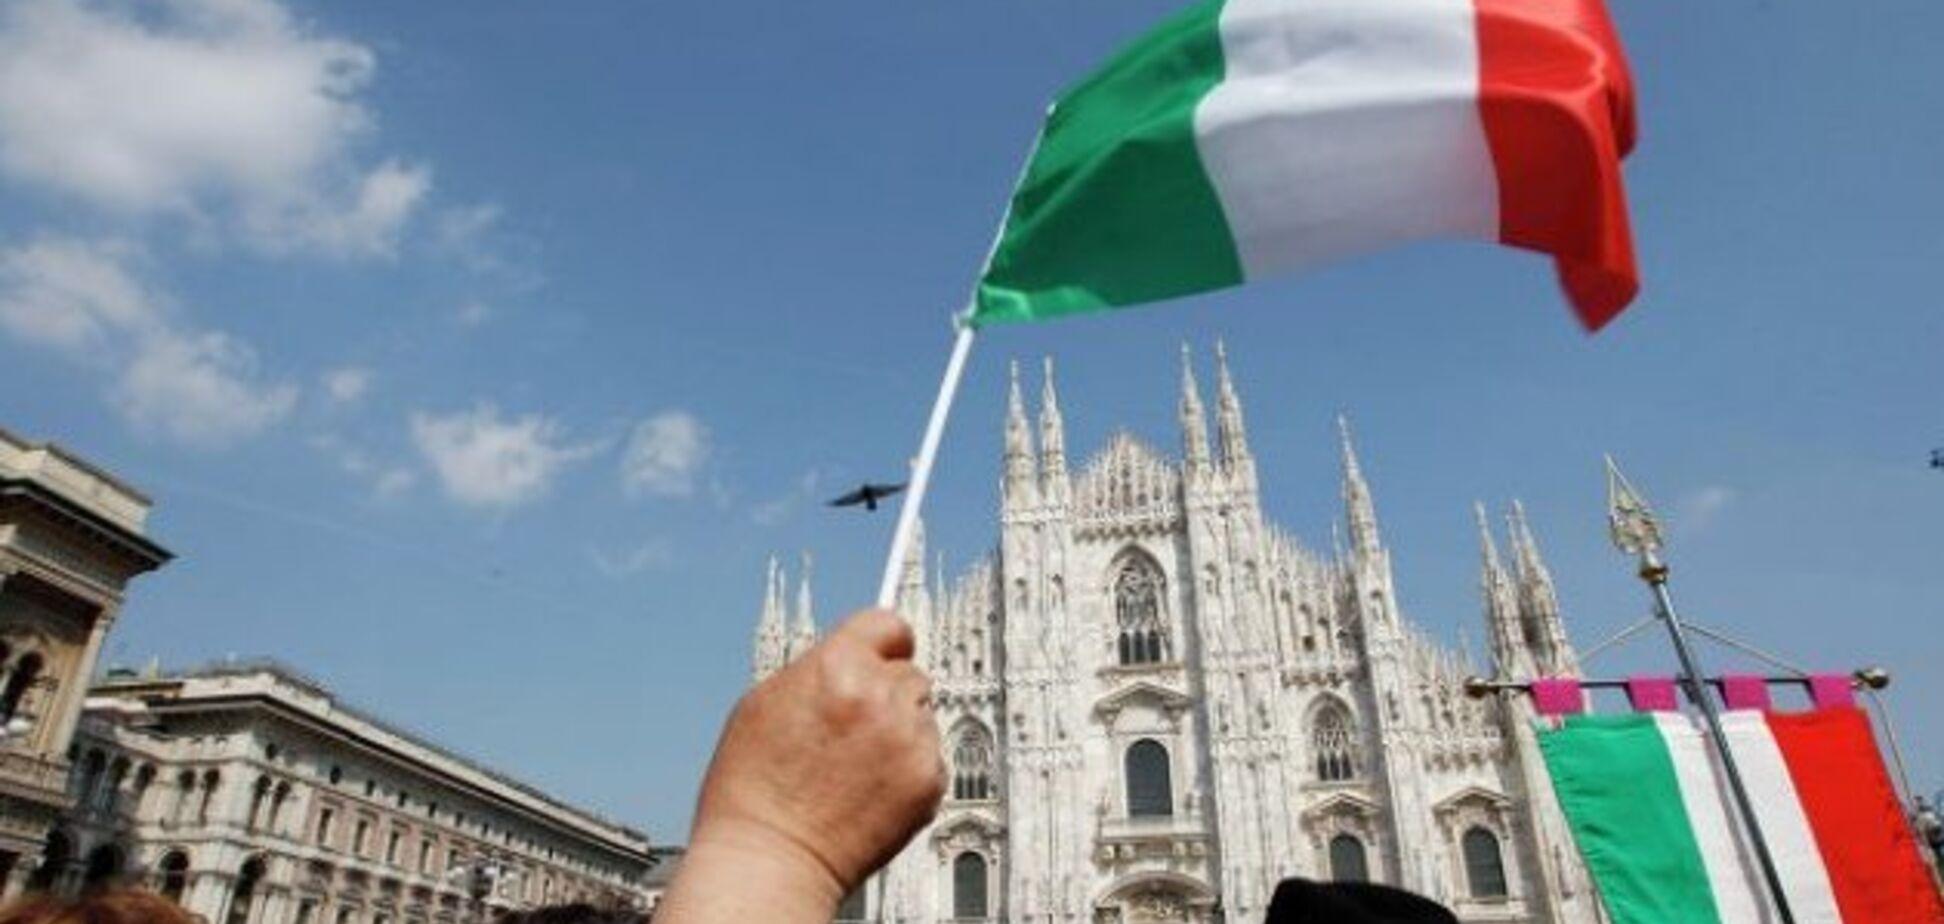 Штраф и конфискация: в Италии начали борьбу с авто на еврономерах